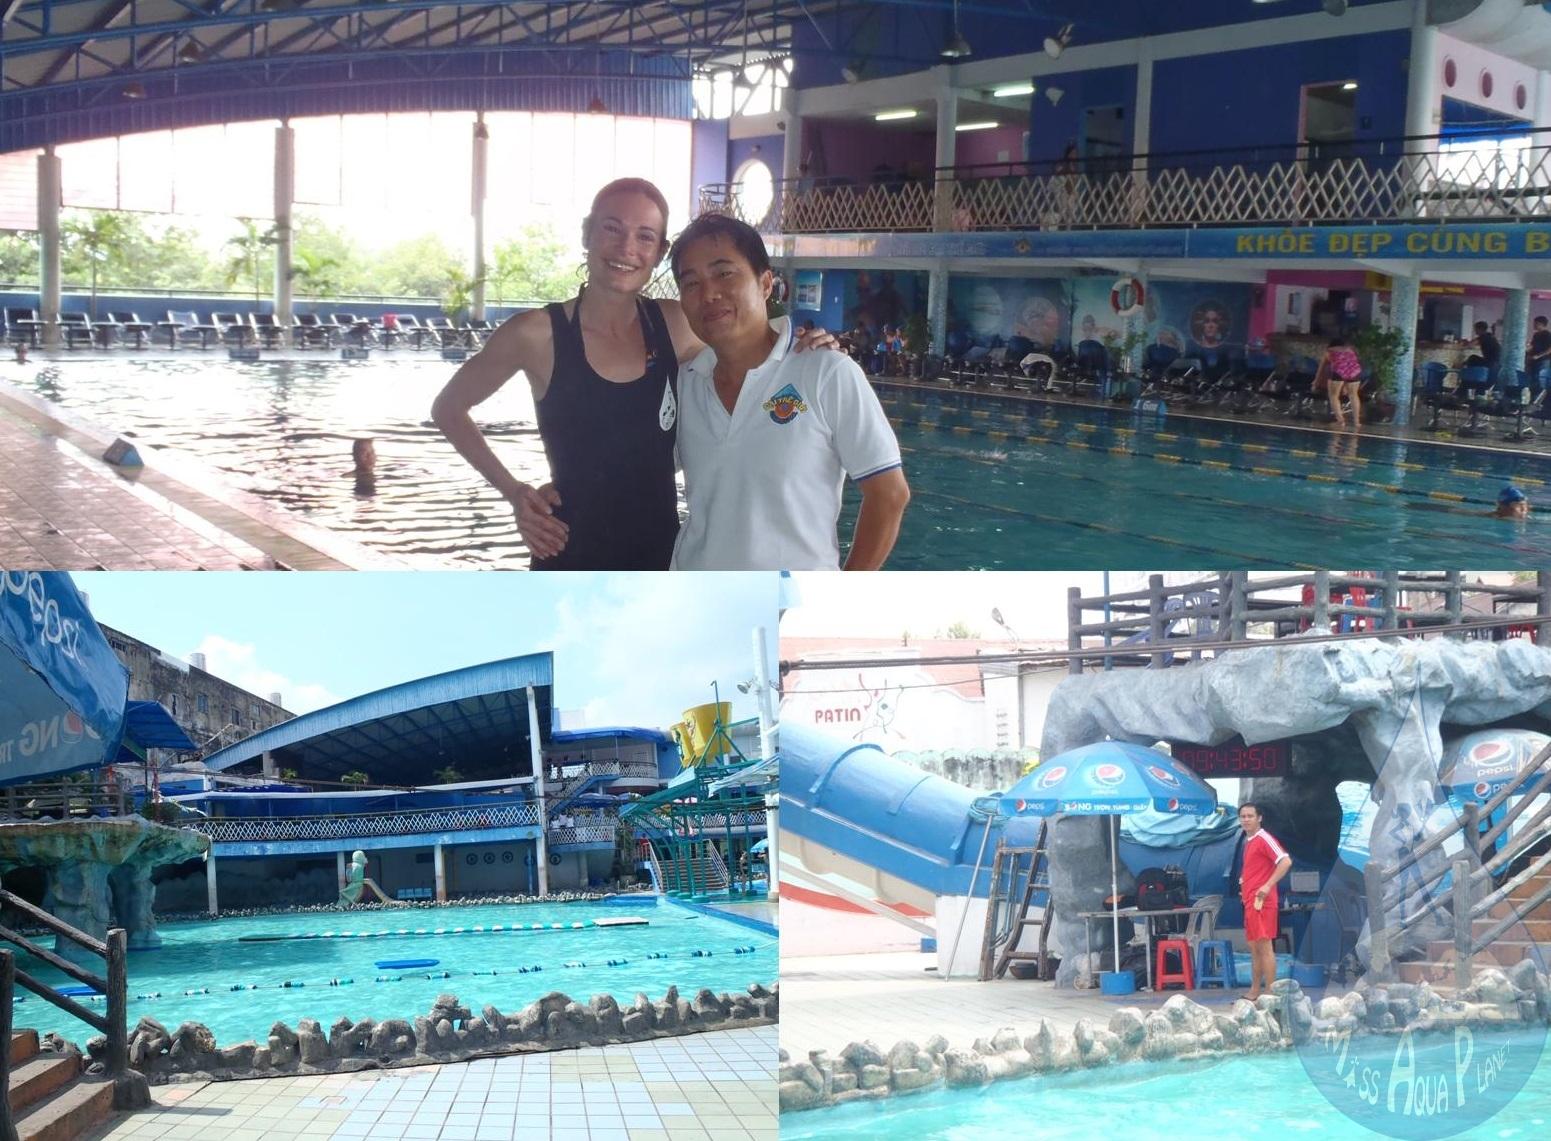 Comment apprendre nager au vietnam miss aqua planet for Apprendre a plonger dans la piscine